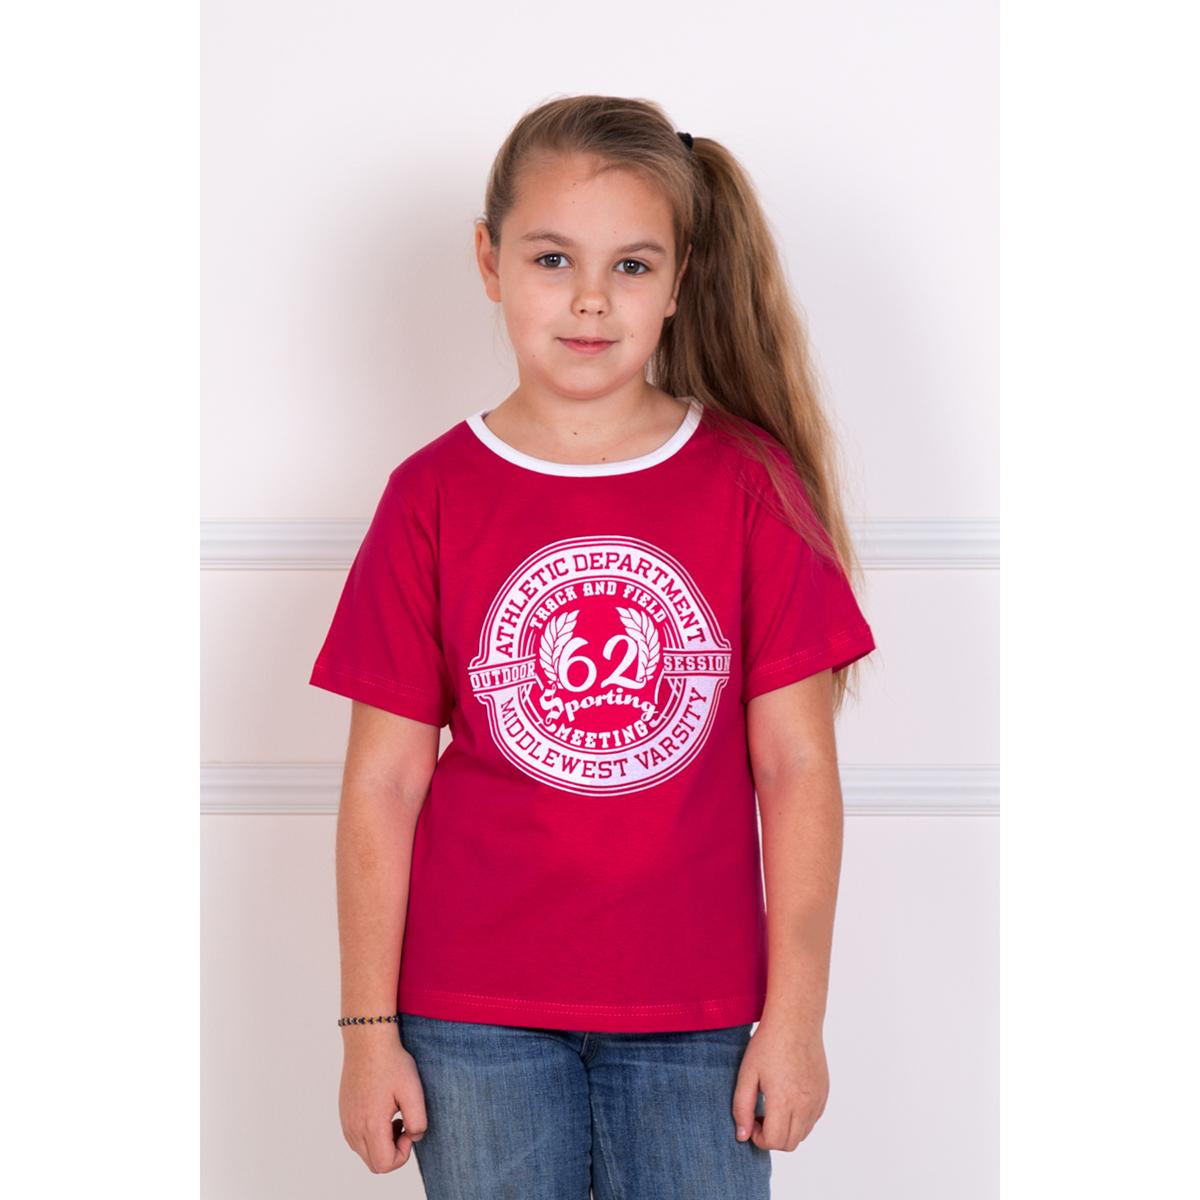 Детская футболка Камелот Малиновый, размер 32Майки и футболки<br><br><br>Тип: Дет. футболка<br>Размер: 32<br>Материал: Кулирка